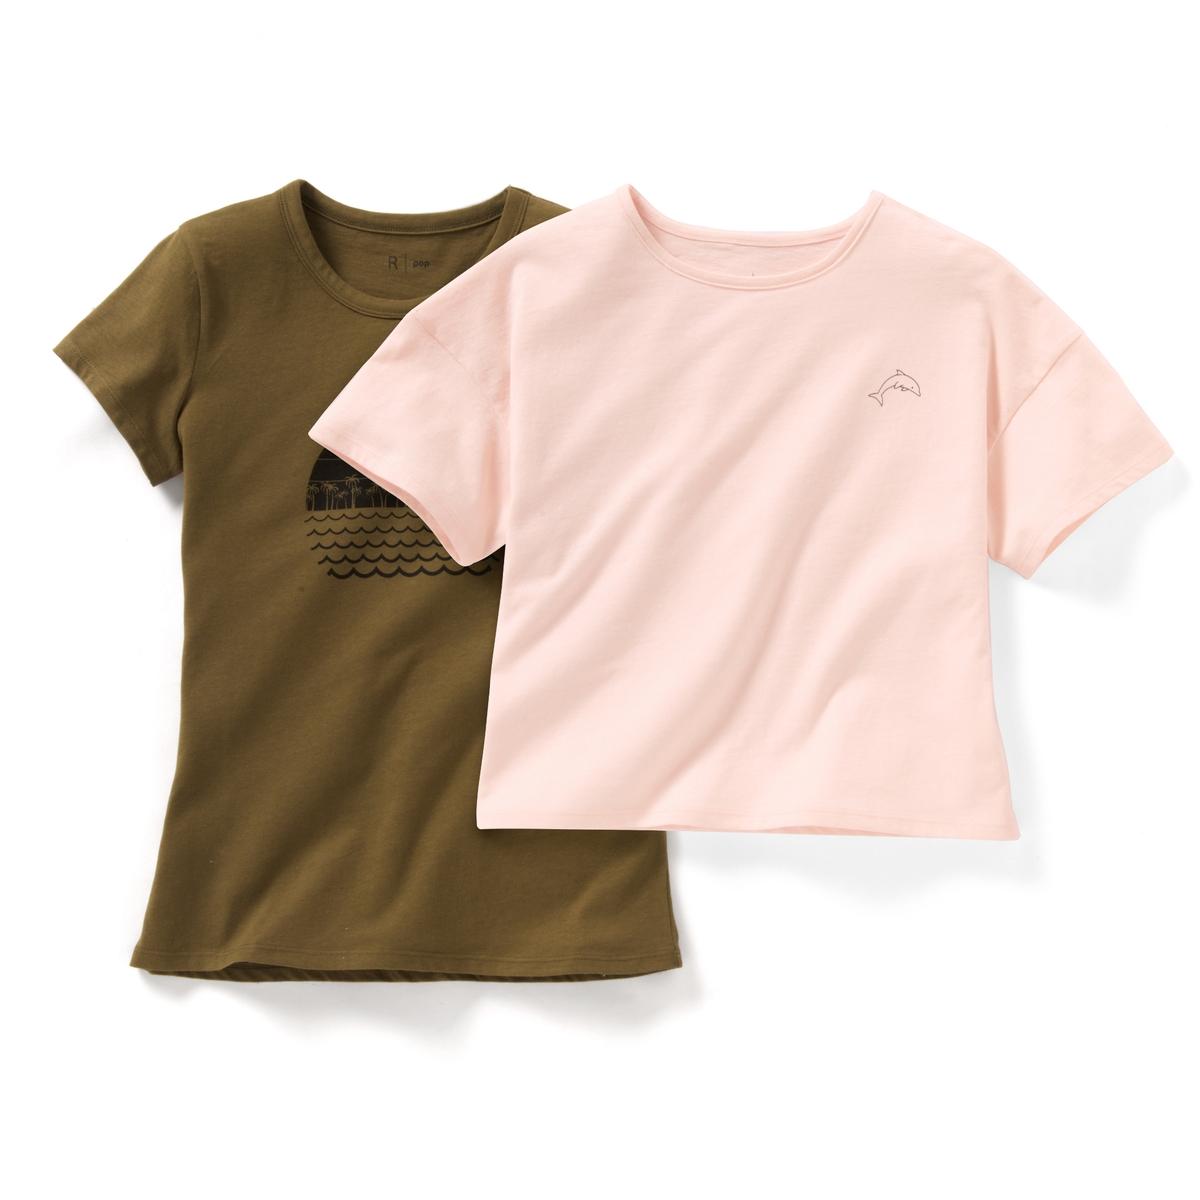 T-shirt de mangas curtas (lote de 2), 10-16 anos